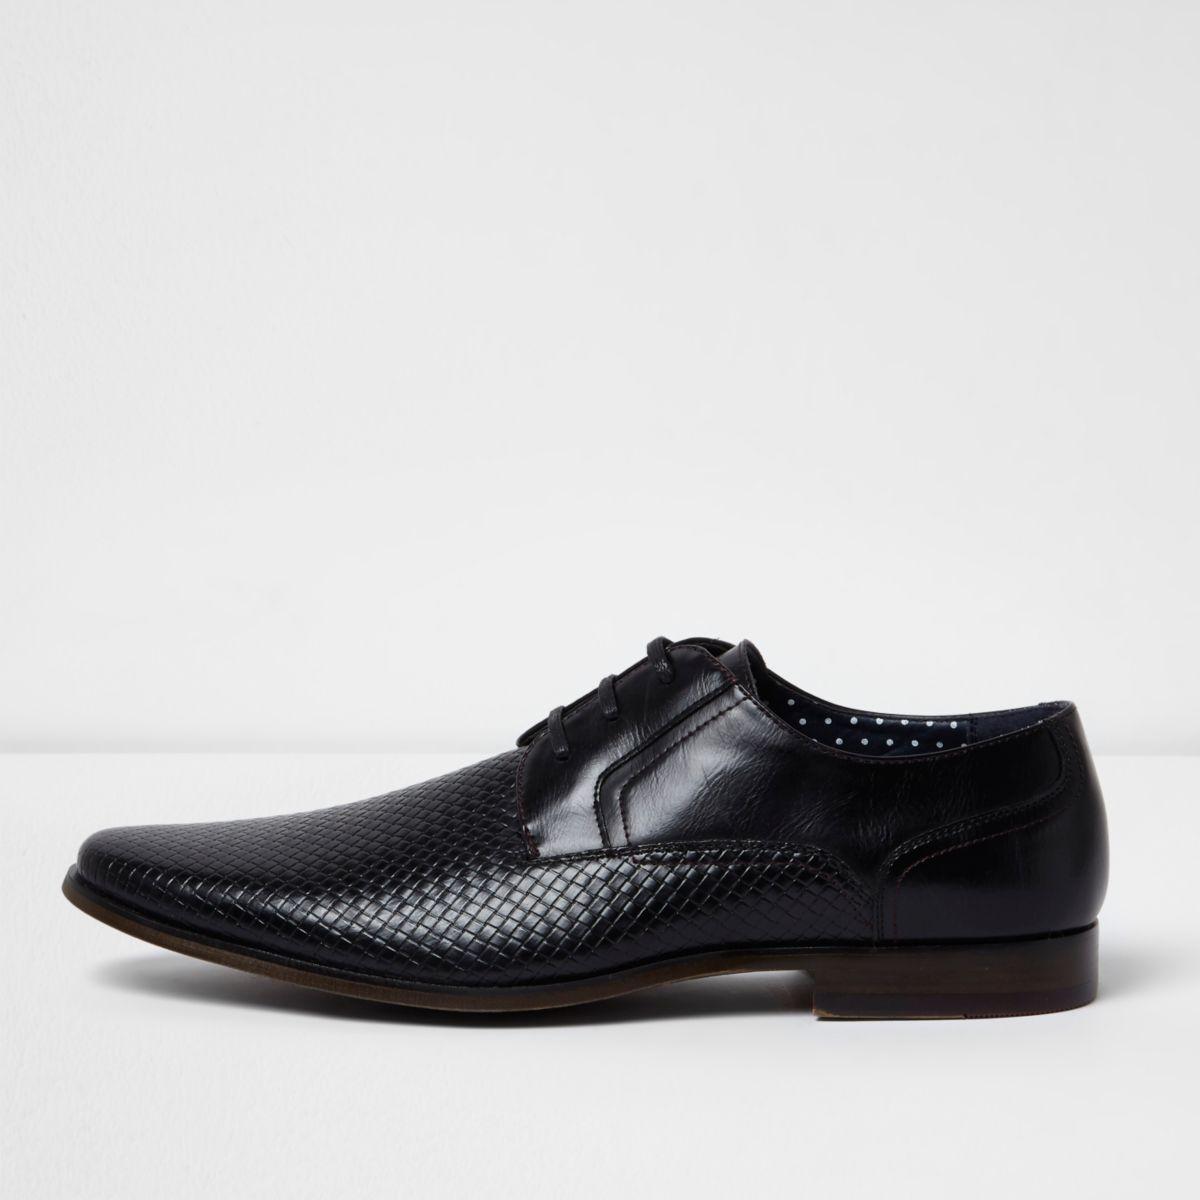 Chaussures habillées texturées noires